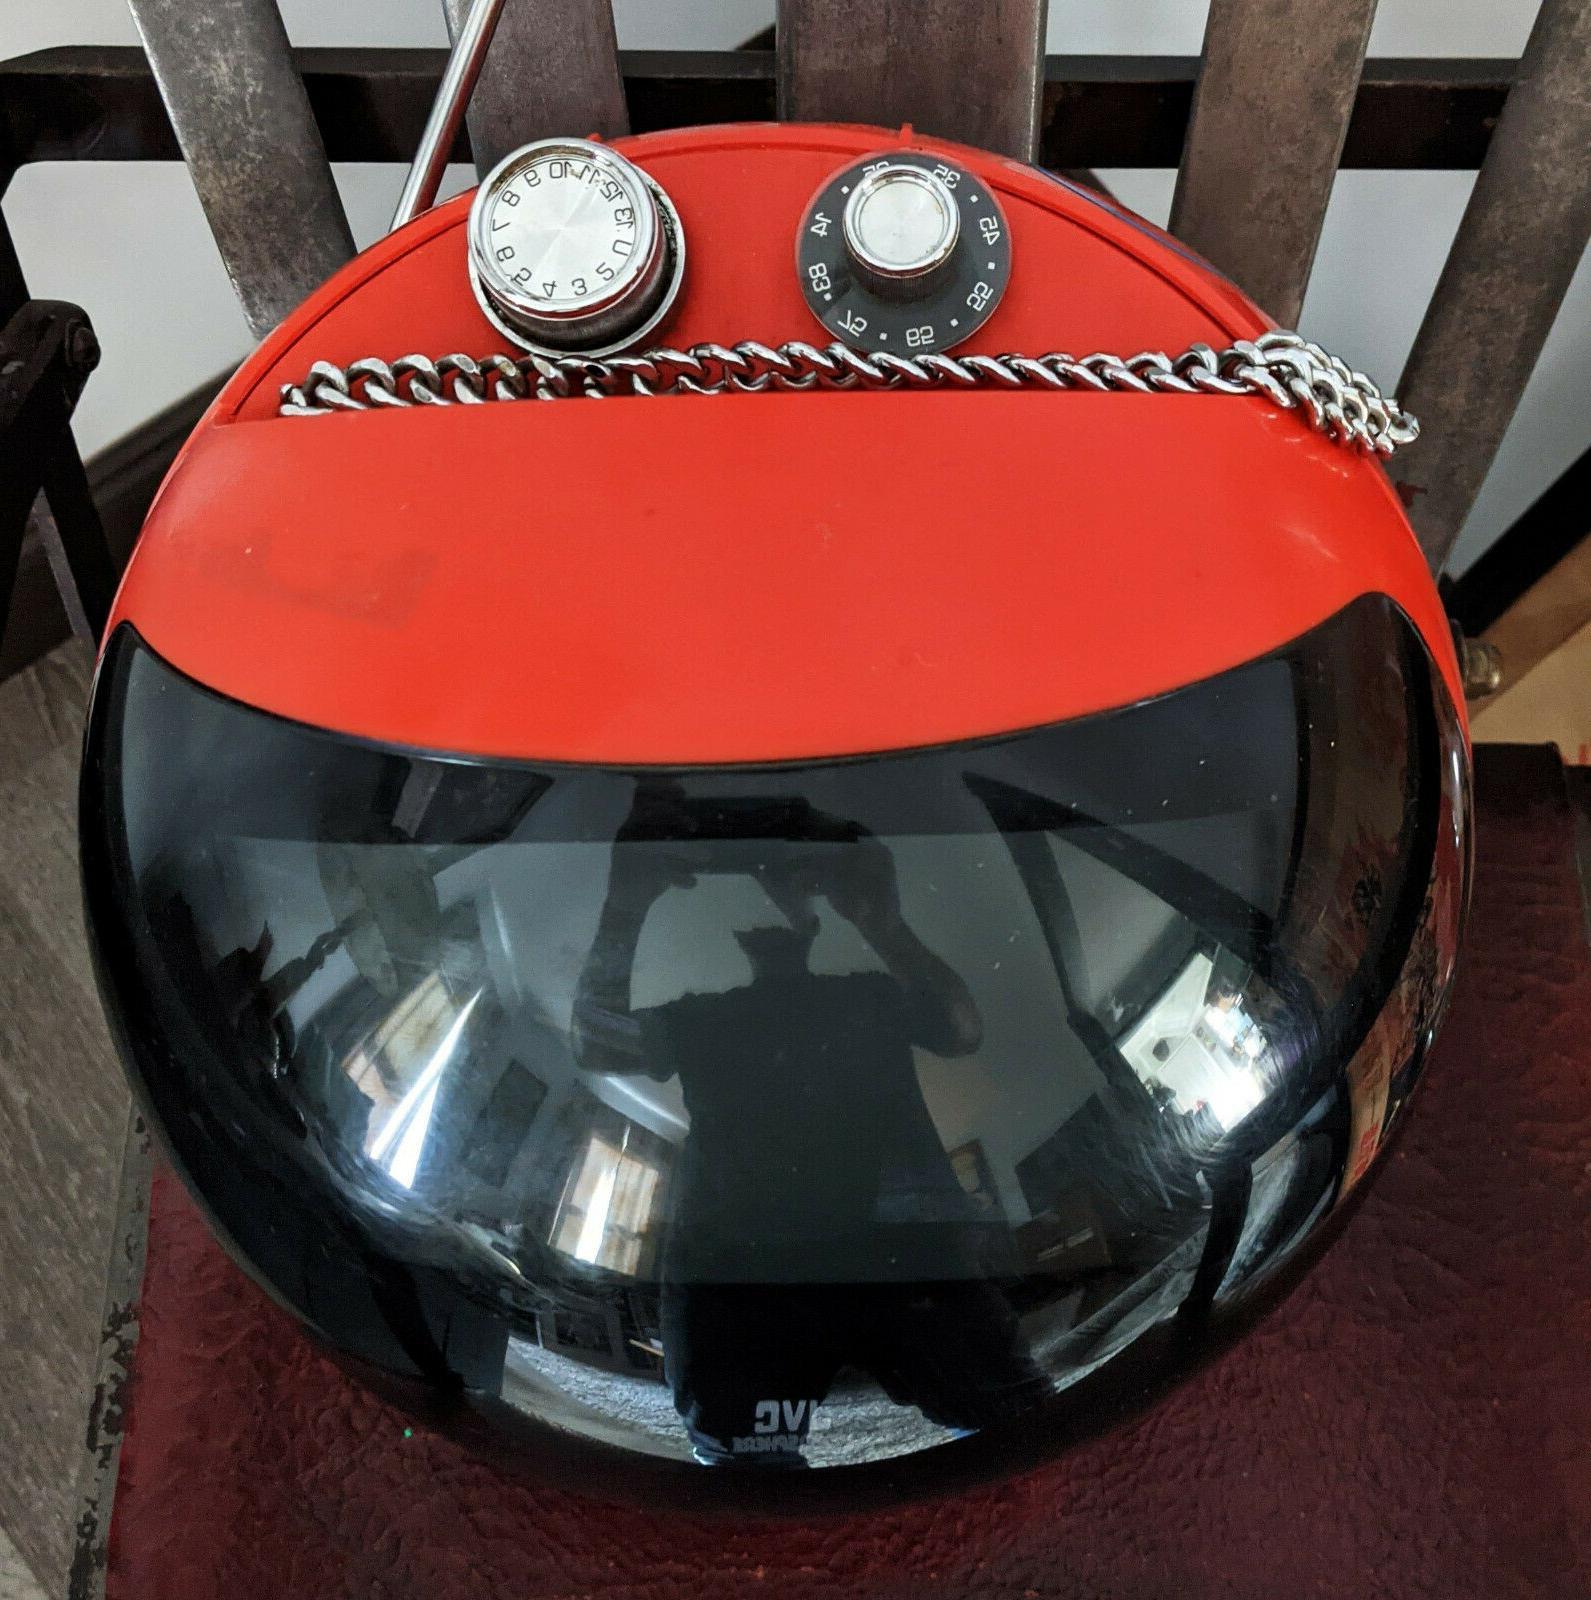 Vintage Videosphere Space Age Helmet CRT Television - Orange